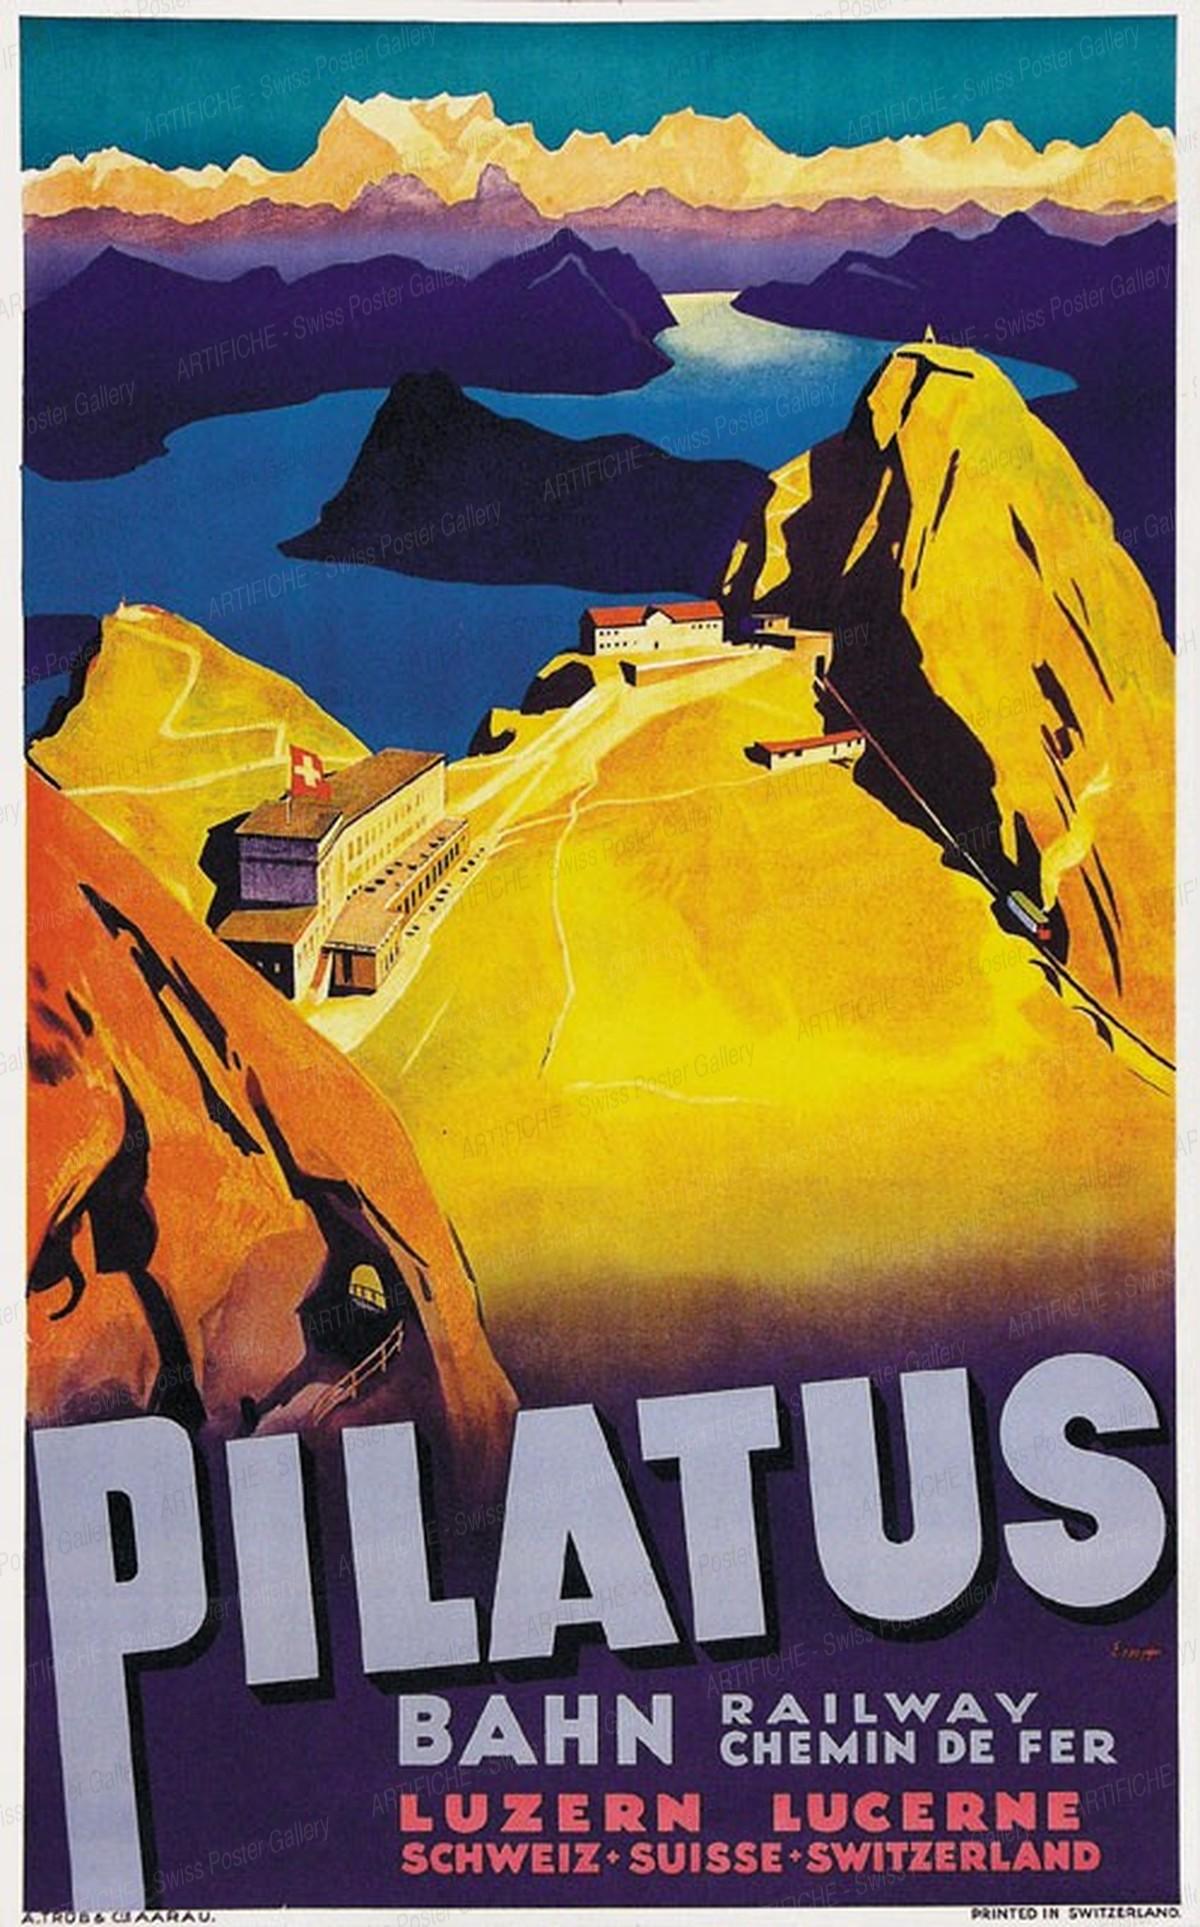 Pilatus Cable car, Otto Ernst